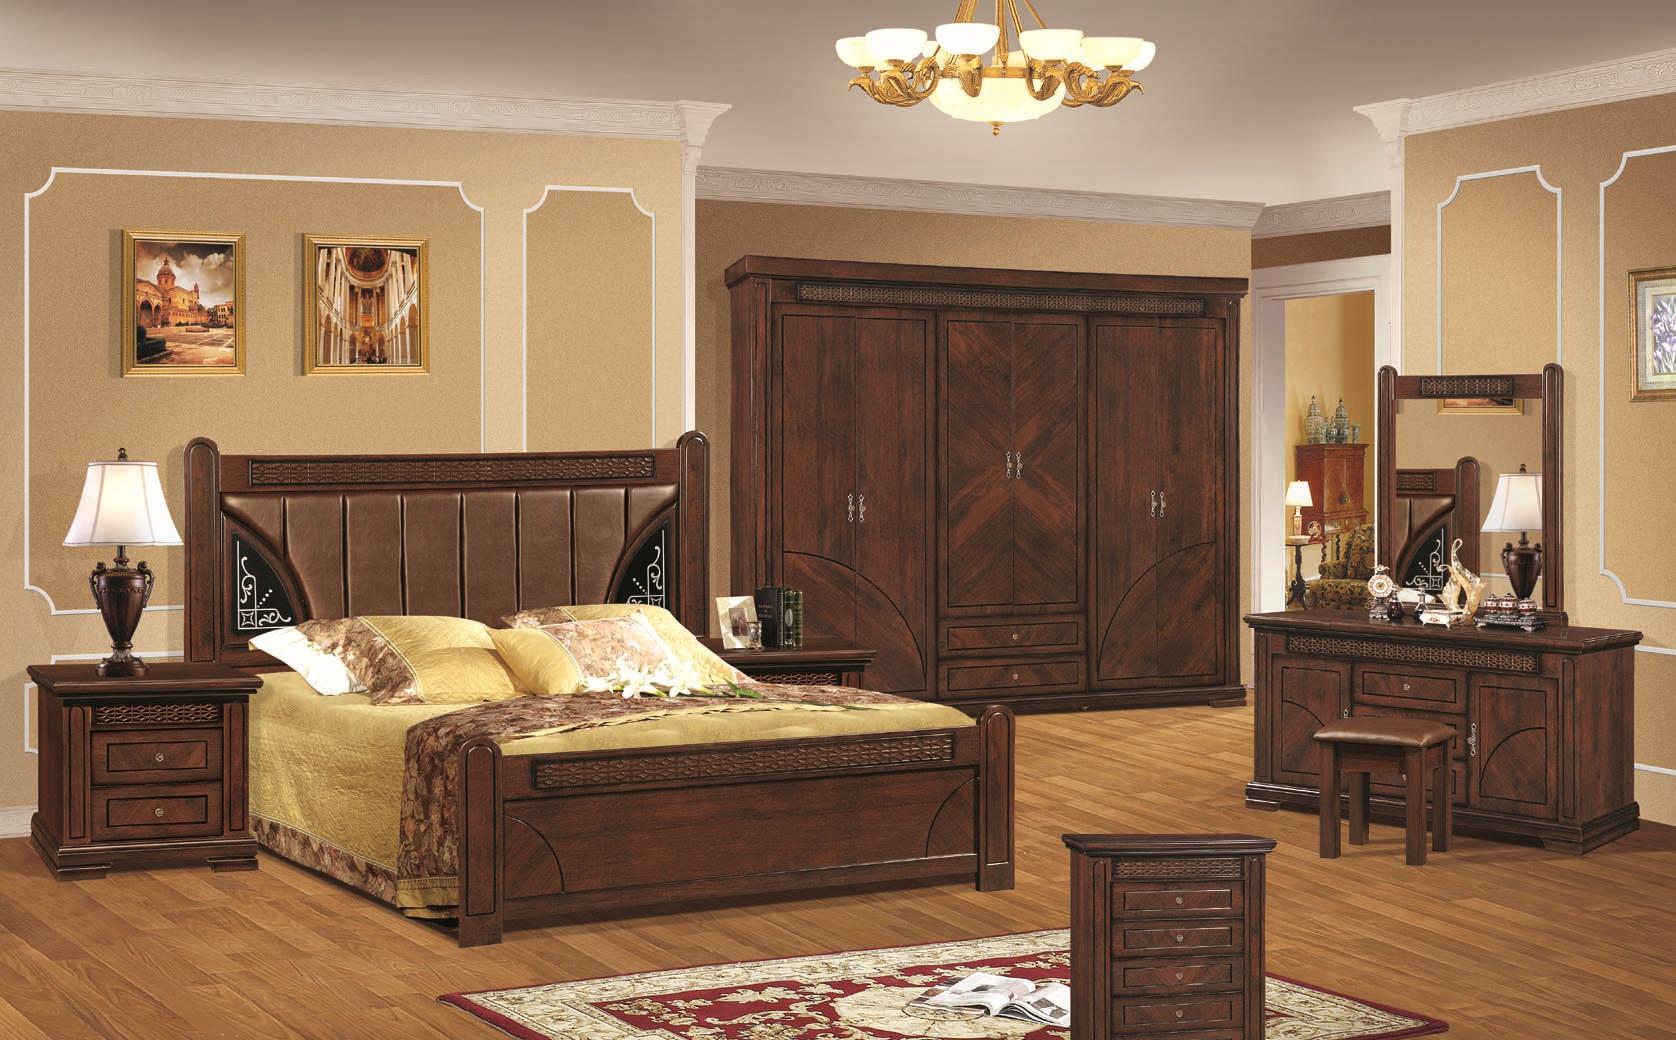 اجمل غرف نوم السريع المميزة | المرسال